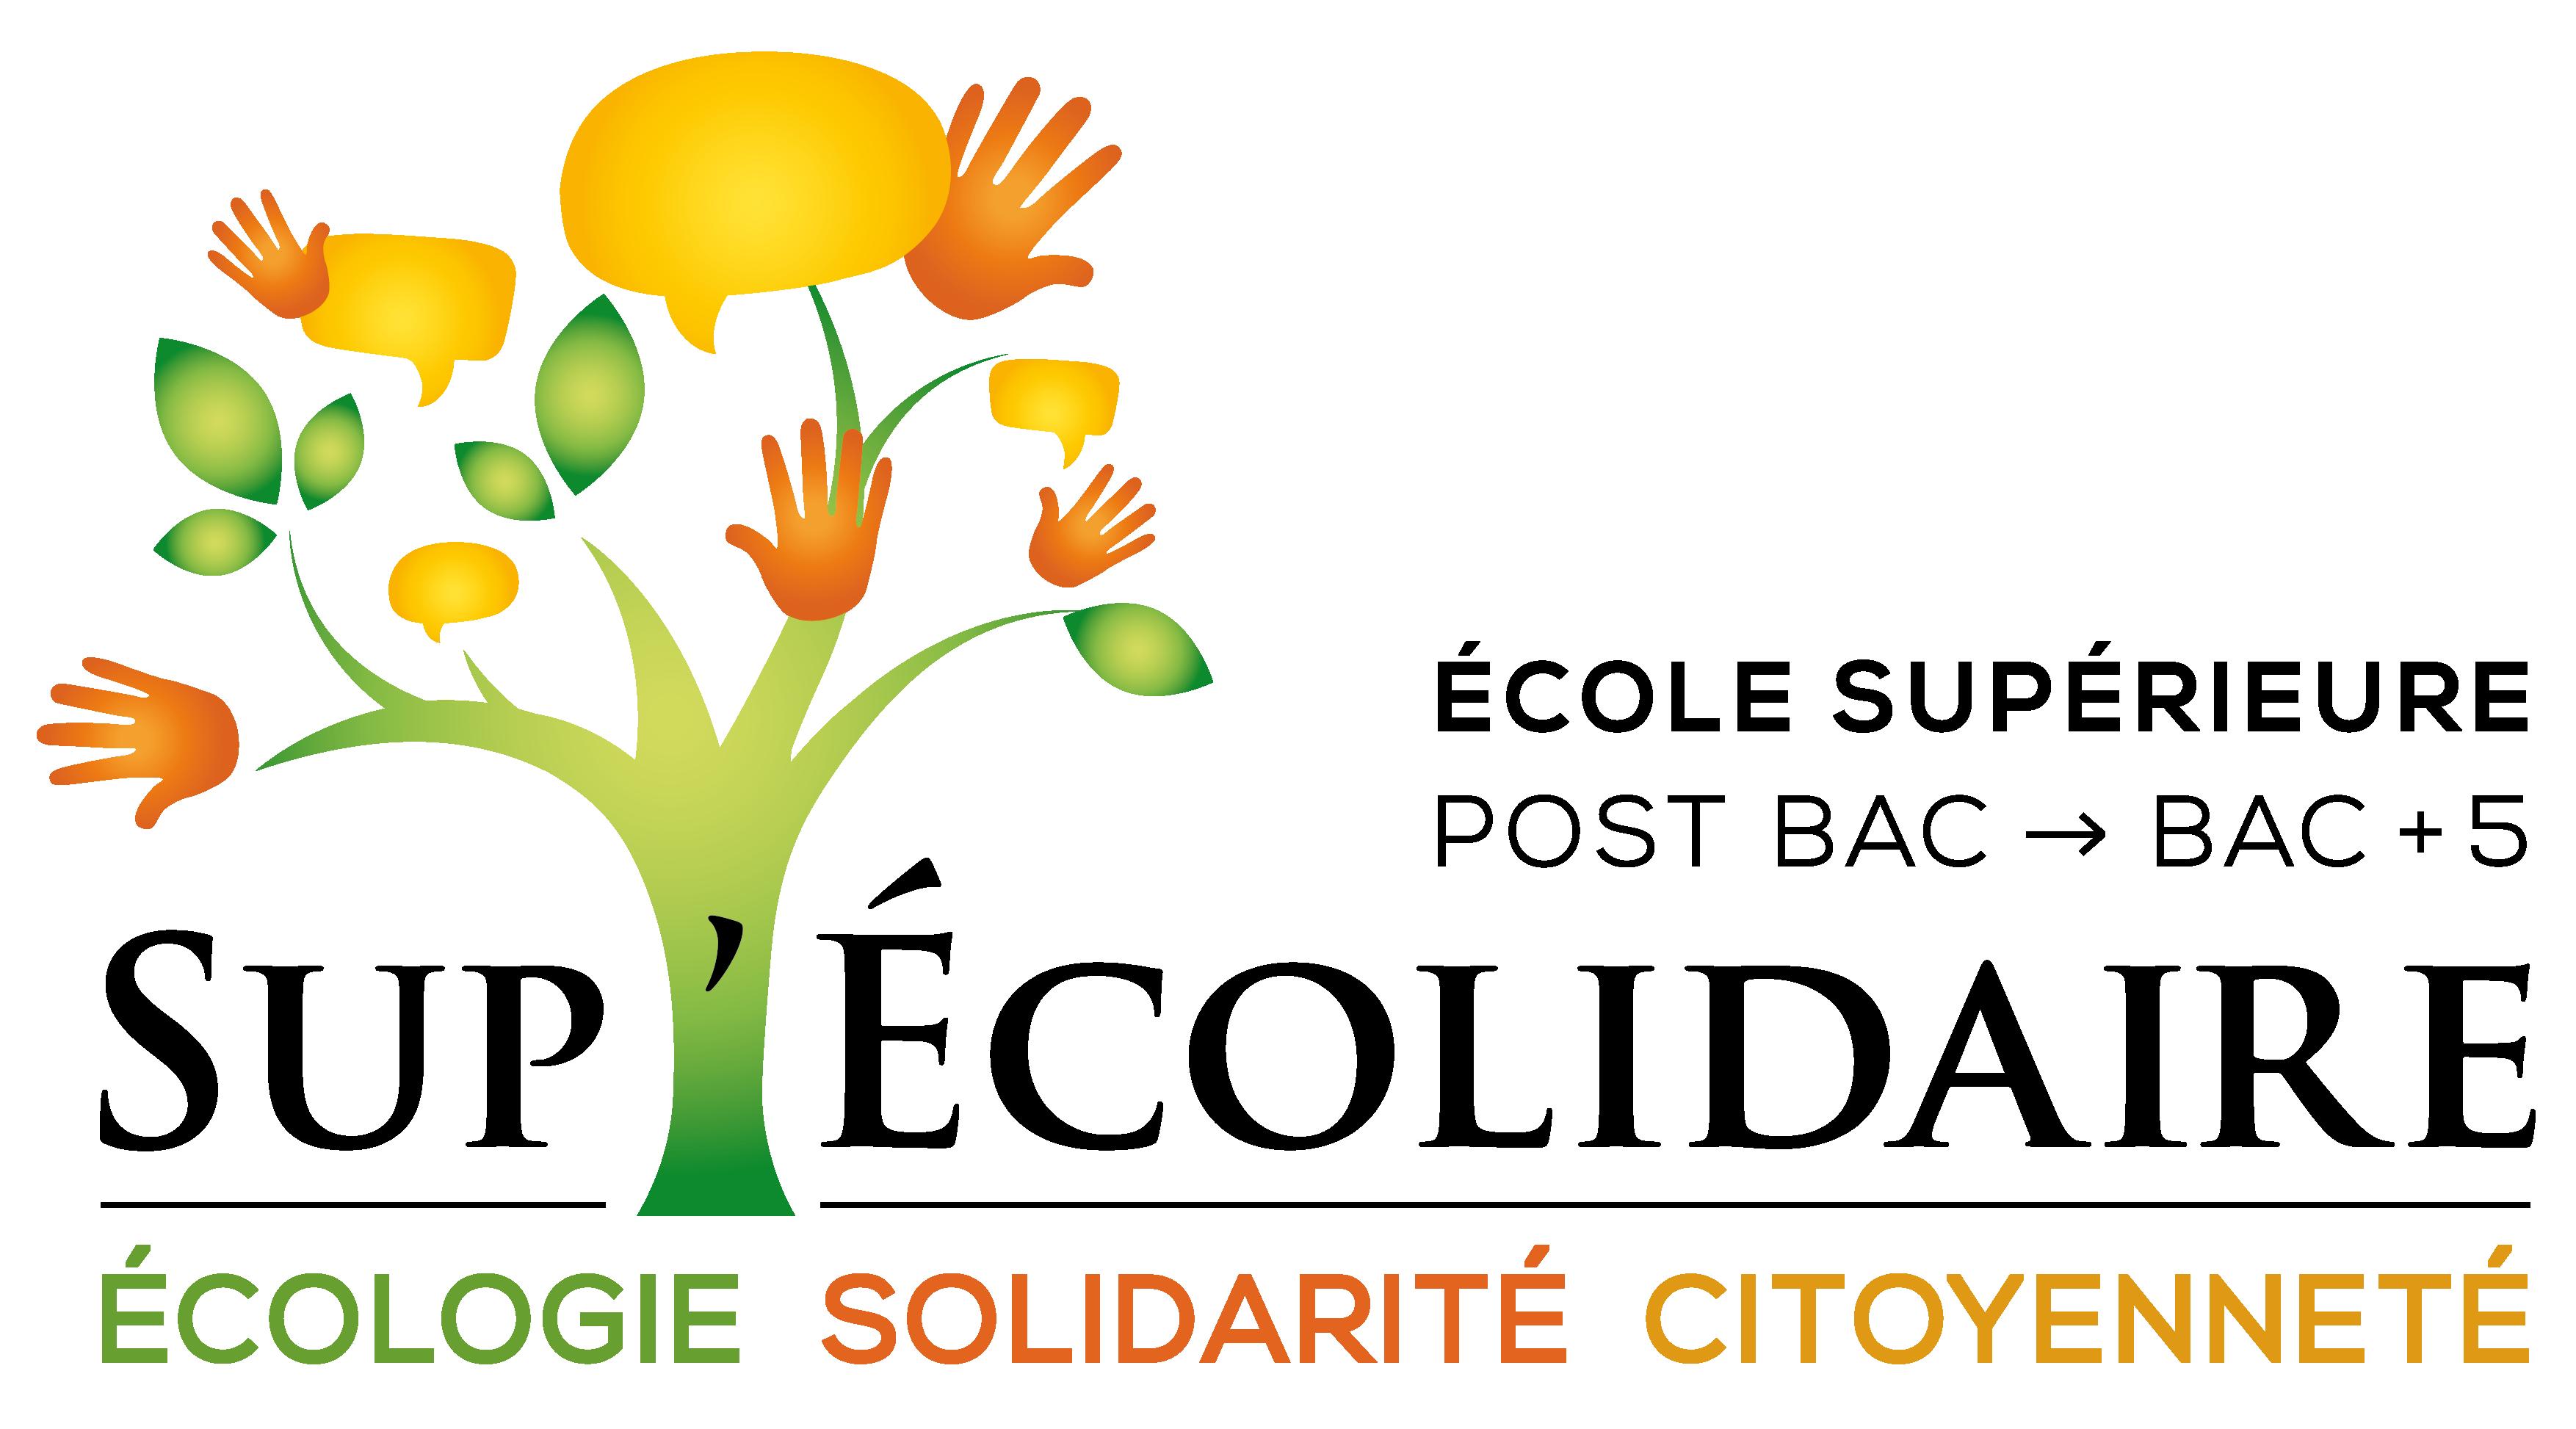 supecolidaire_logo solidaire école lyon